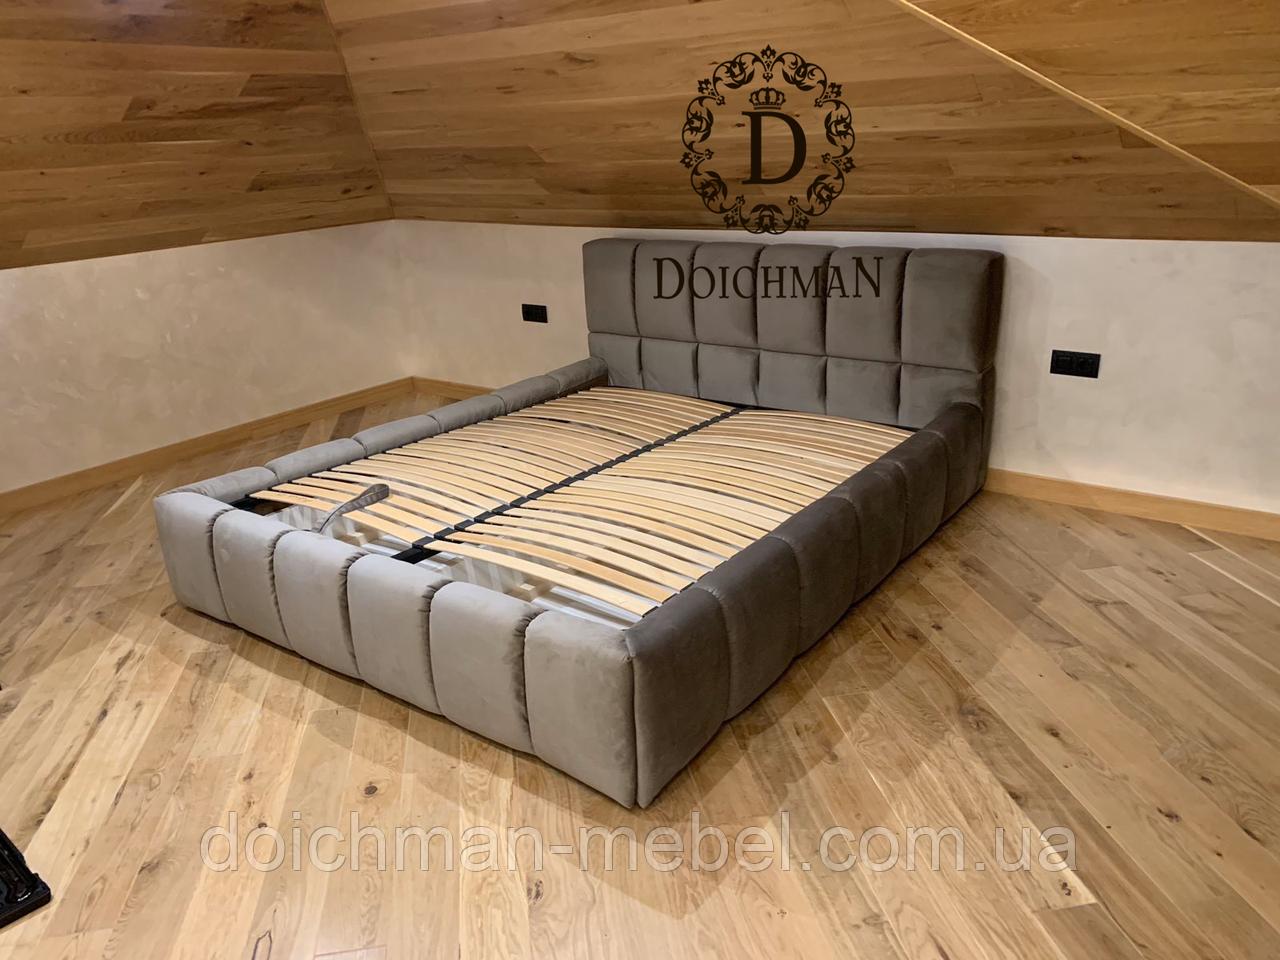 Дутая кровать, двуспальная кровать с мягким изголовьем